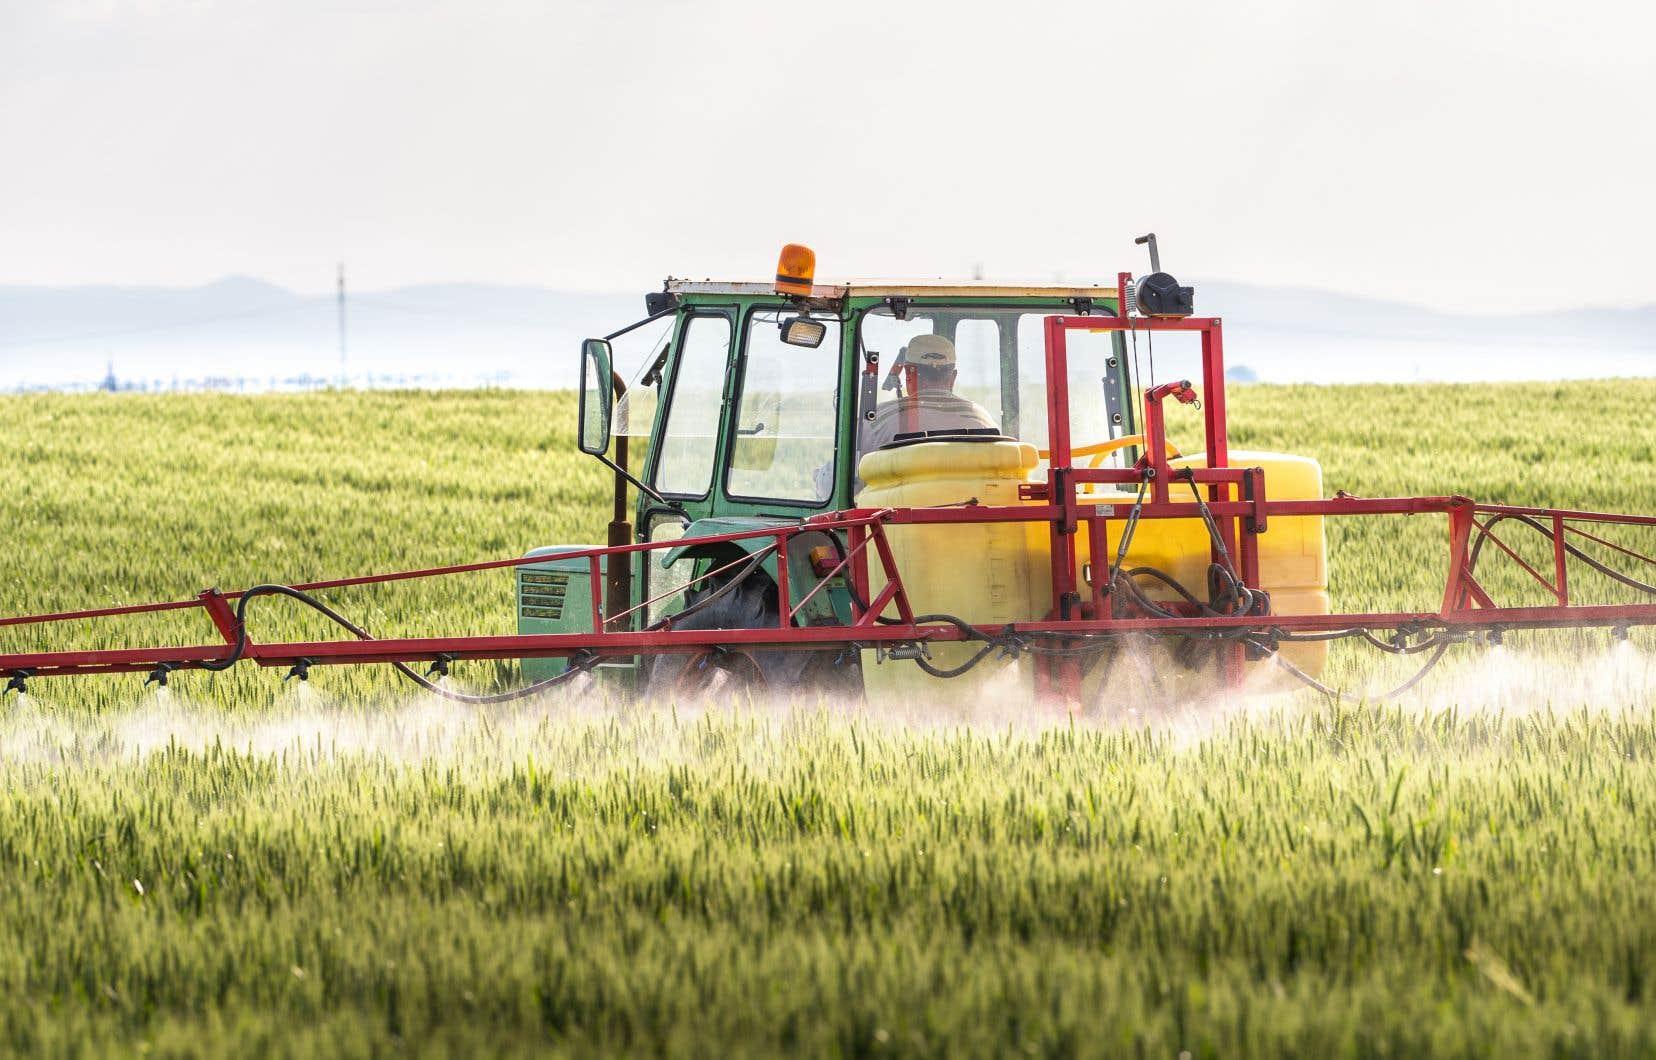 Le glyphosate est l'herbicide le plus utilisé au monde pour le contrôle des mauvaises herbes par les producteurs agricoles.